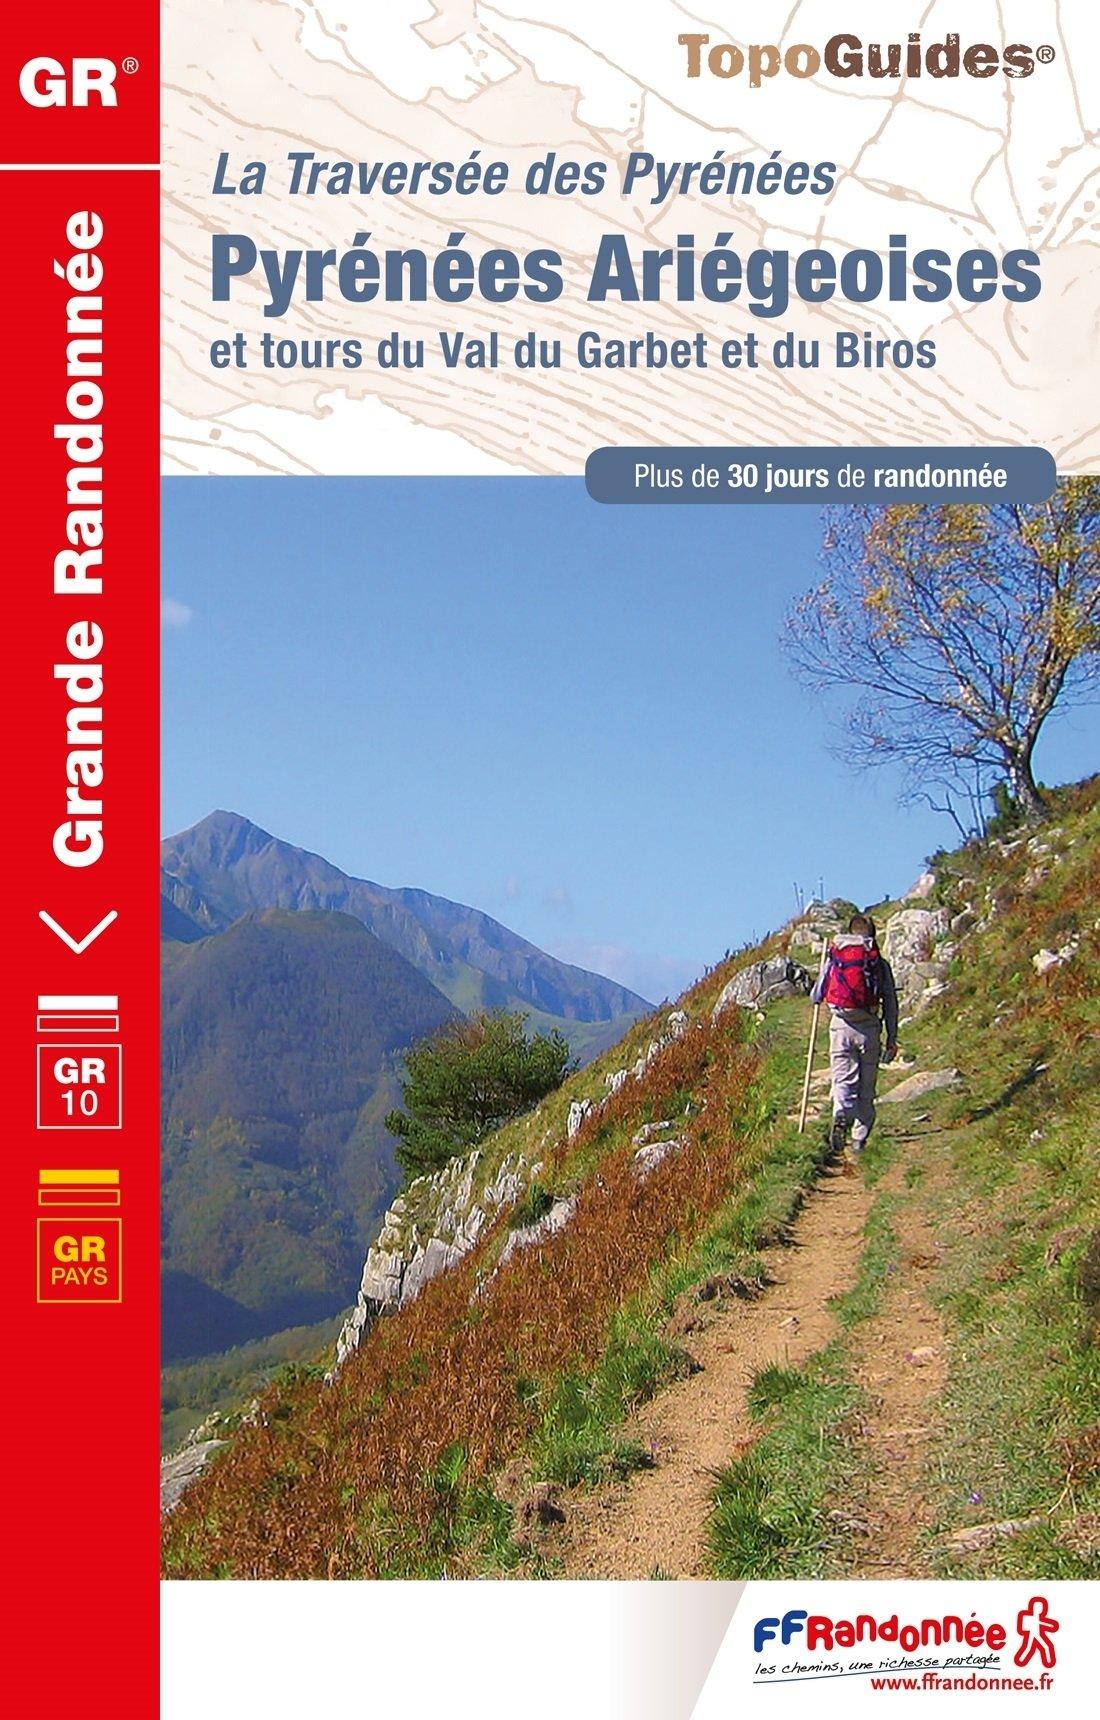 TG1090  Traversée des Pyrénées Ariégeoises, GR-10 9782751409851  FFRP Topoguides  Meerdaagse wandelroutes, Wandelgidsen Franse Pyreneeën, Toulouse, Gers, Garonne